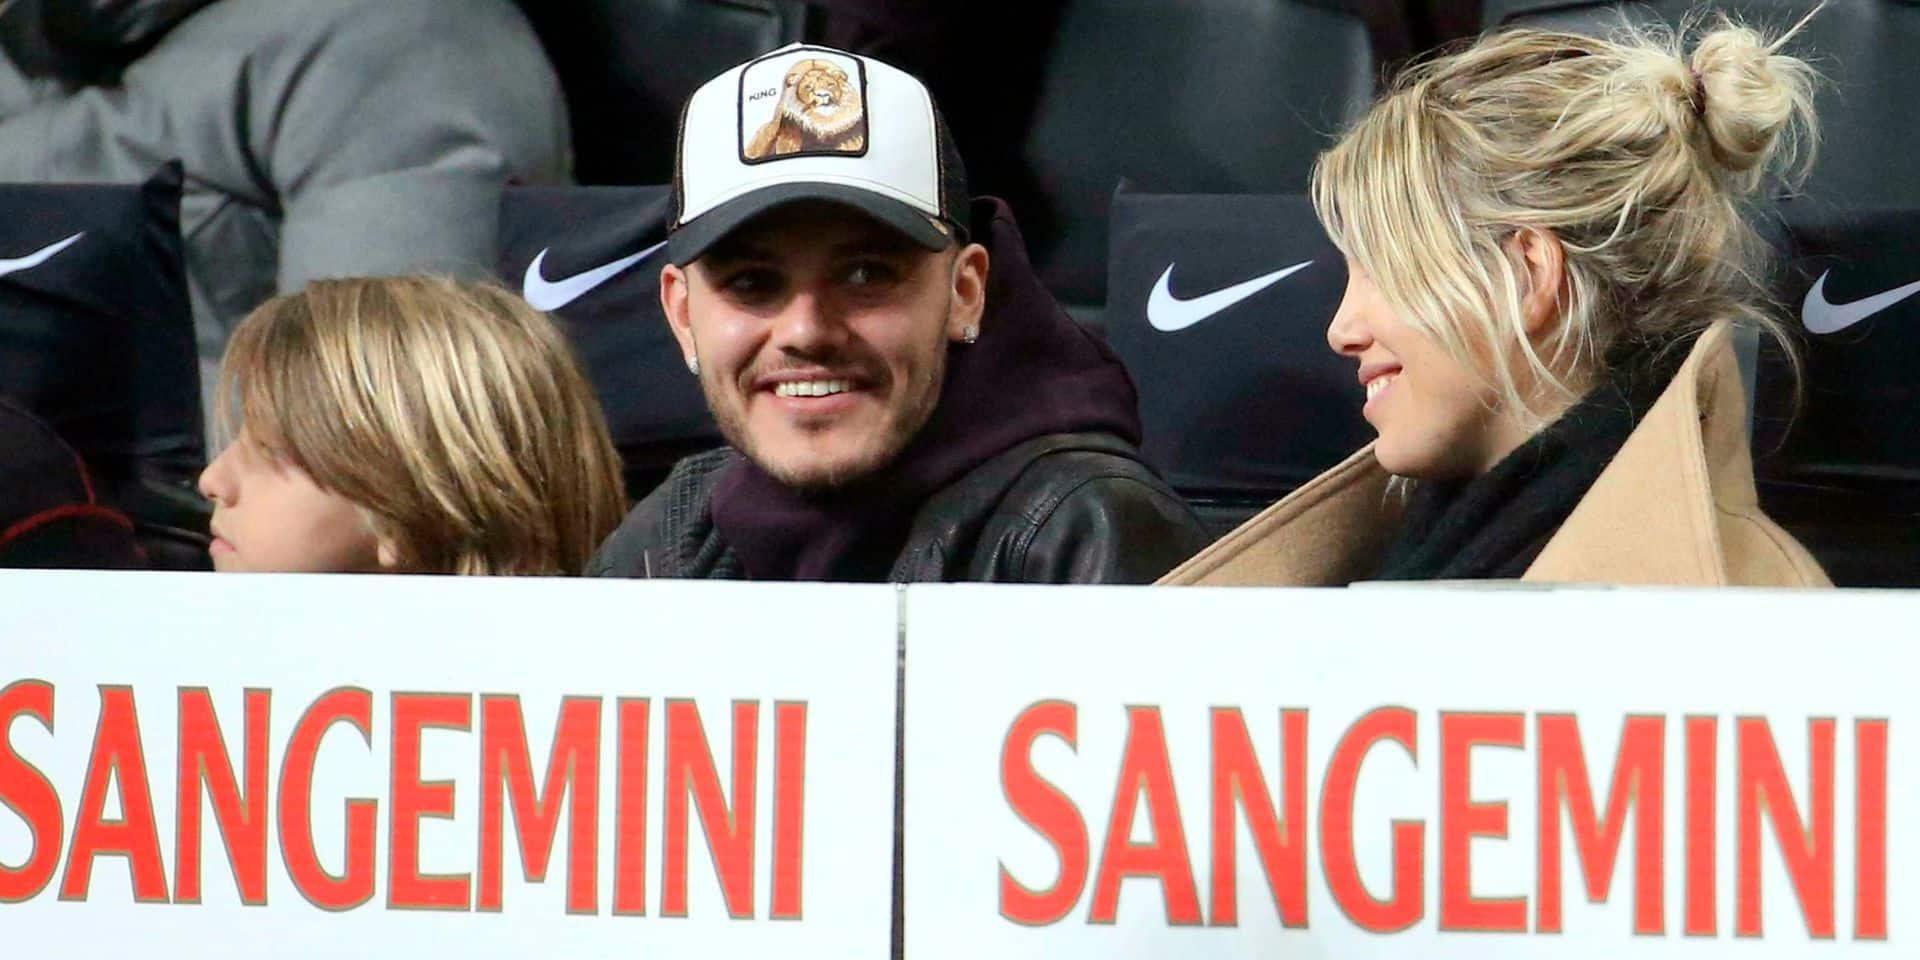 Mais que sa passe-t-il avec Icardi? L'Inter fait une annonce étonnante